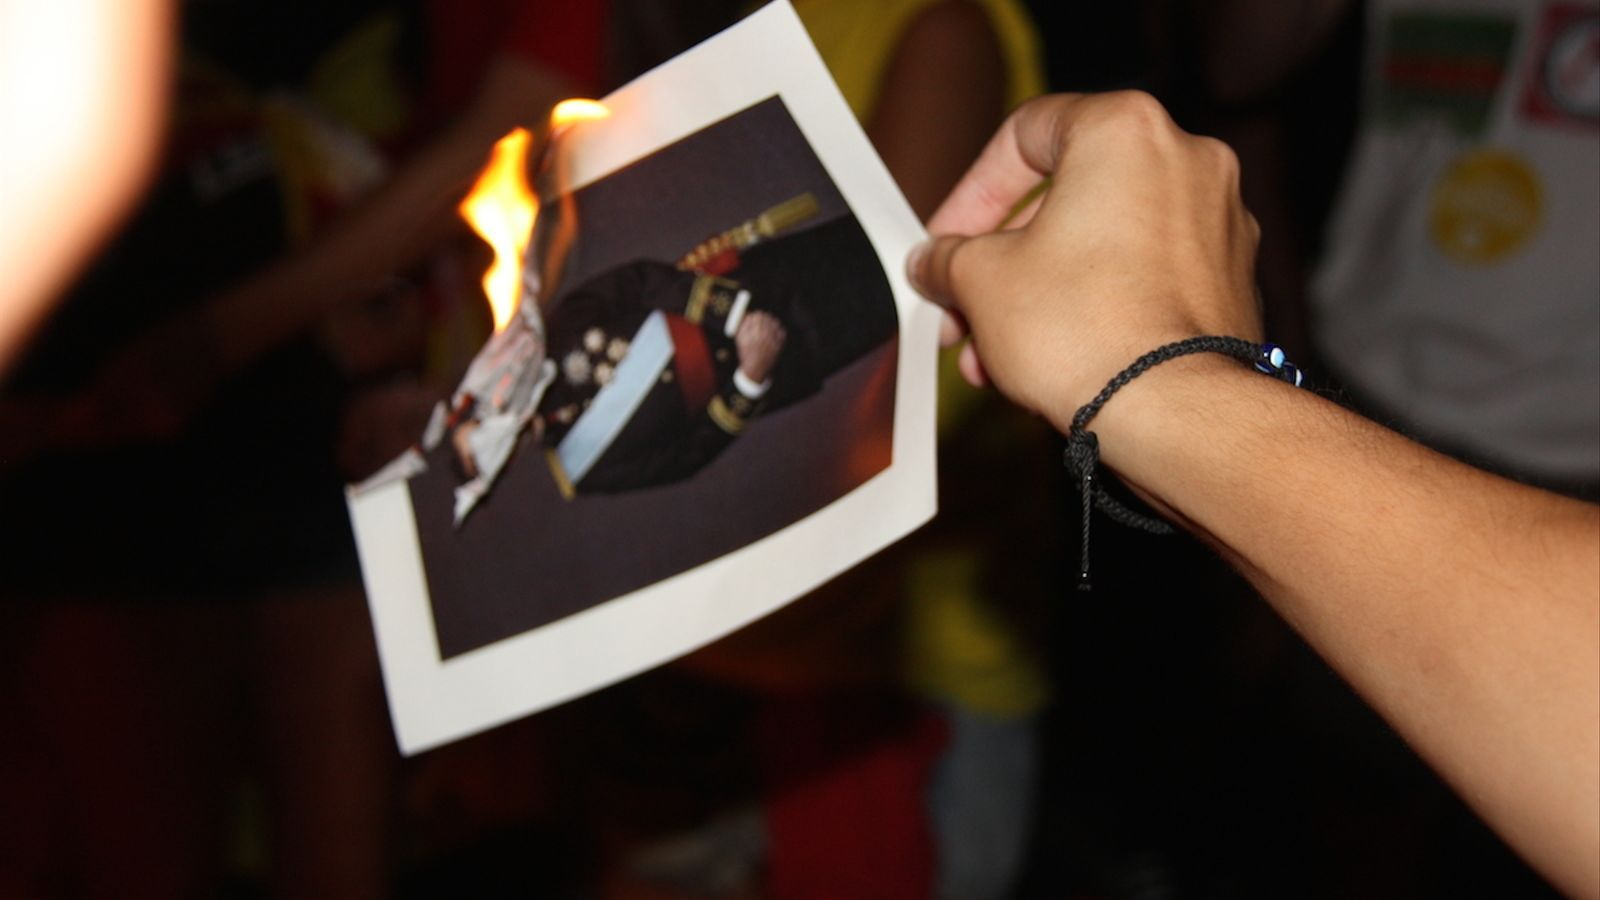 Estrasburg condemna Espanya per haver multat dos joves que van cremar fotos del rei a Girona